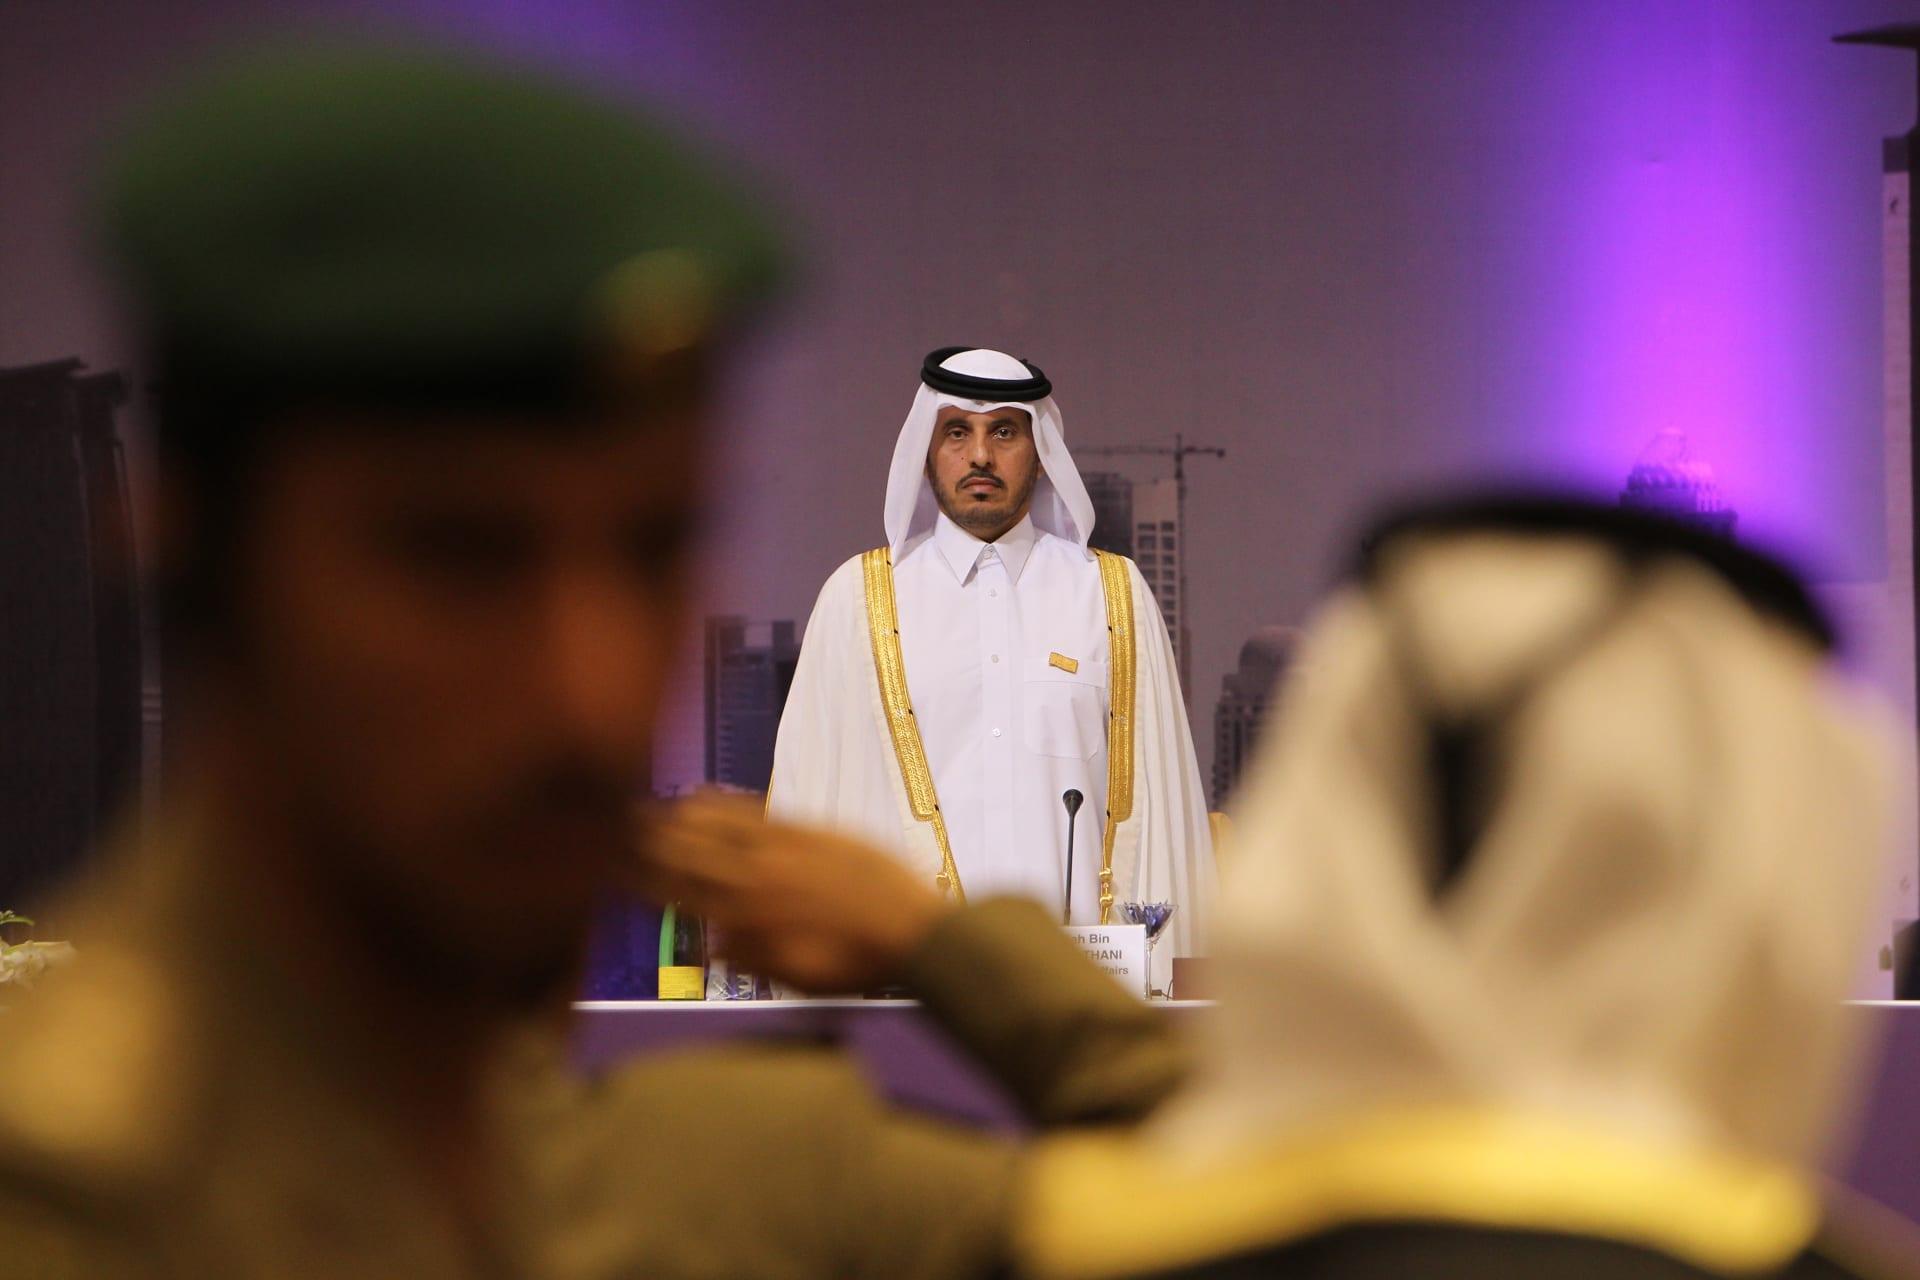 بعد إعلان عودته.. أبرز ملامح زيارة رئيس وزراء قطر إلى السعودية